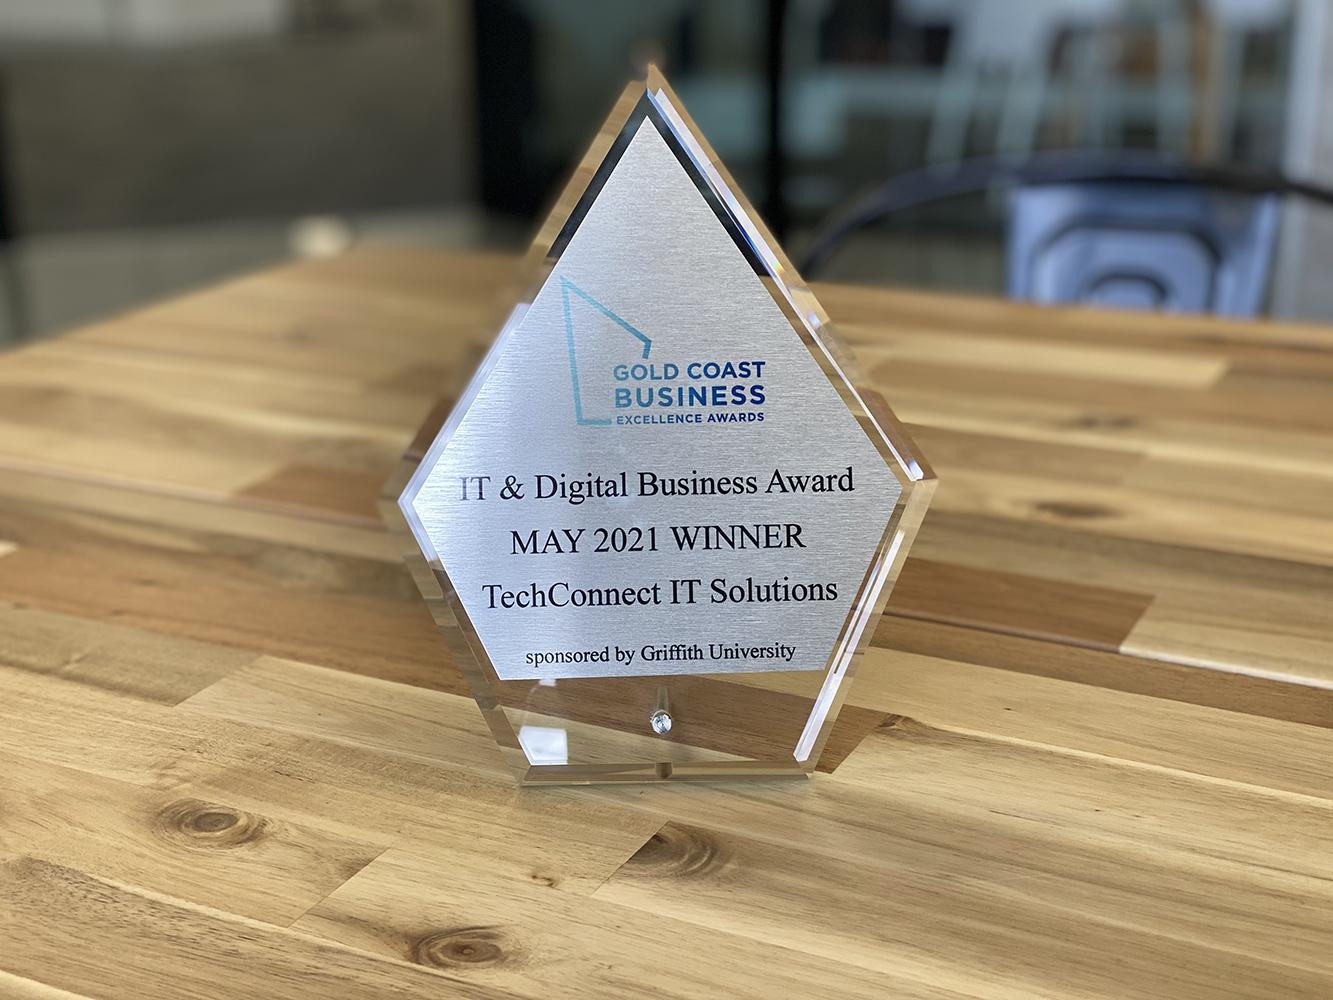 GC Business awards Award 2021